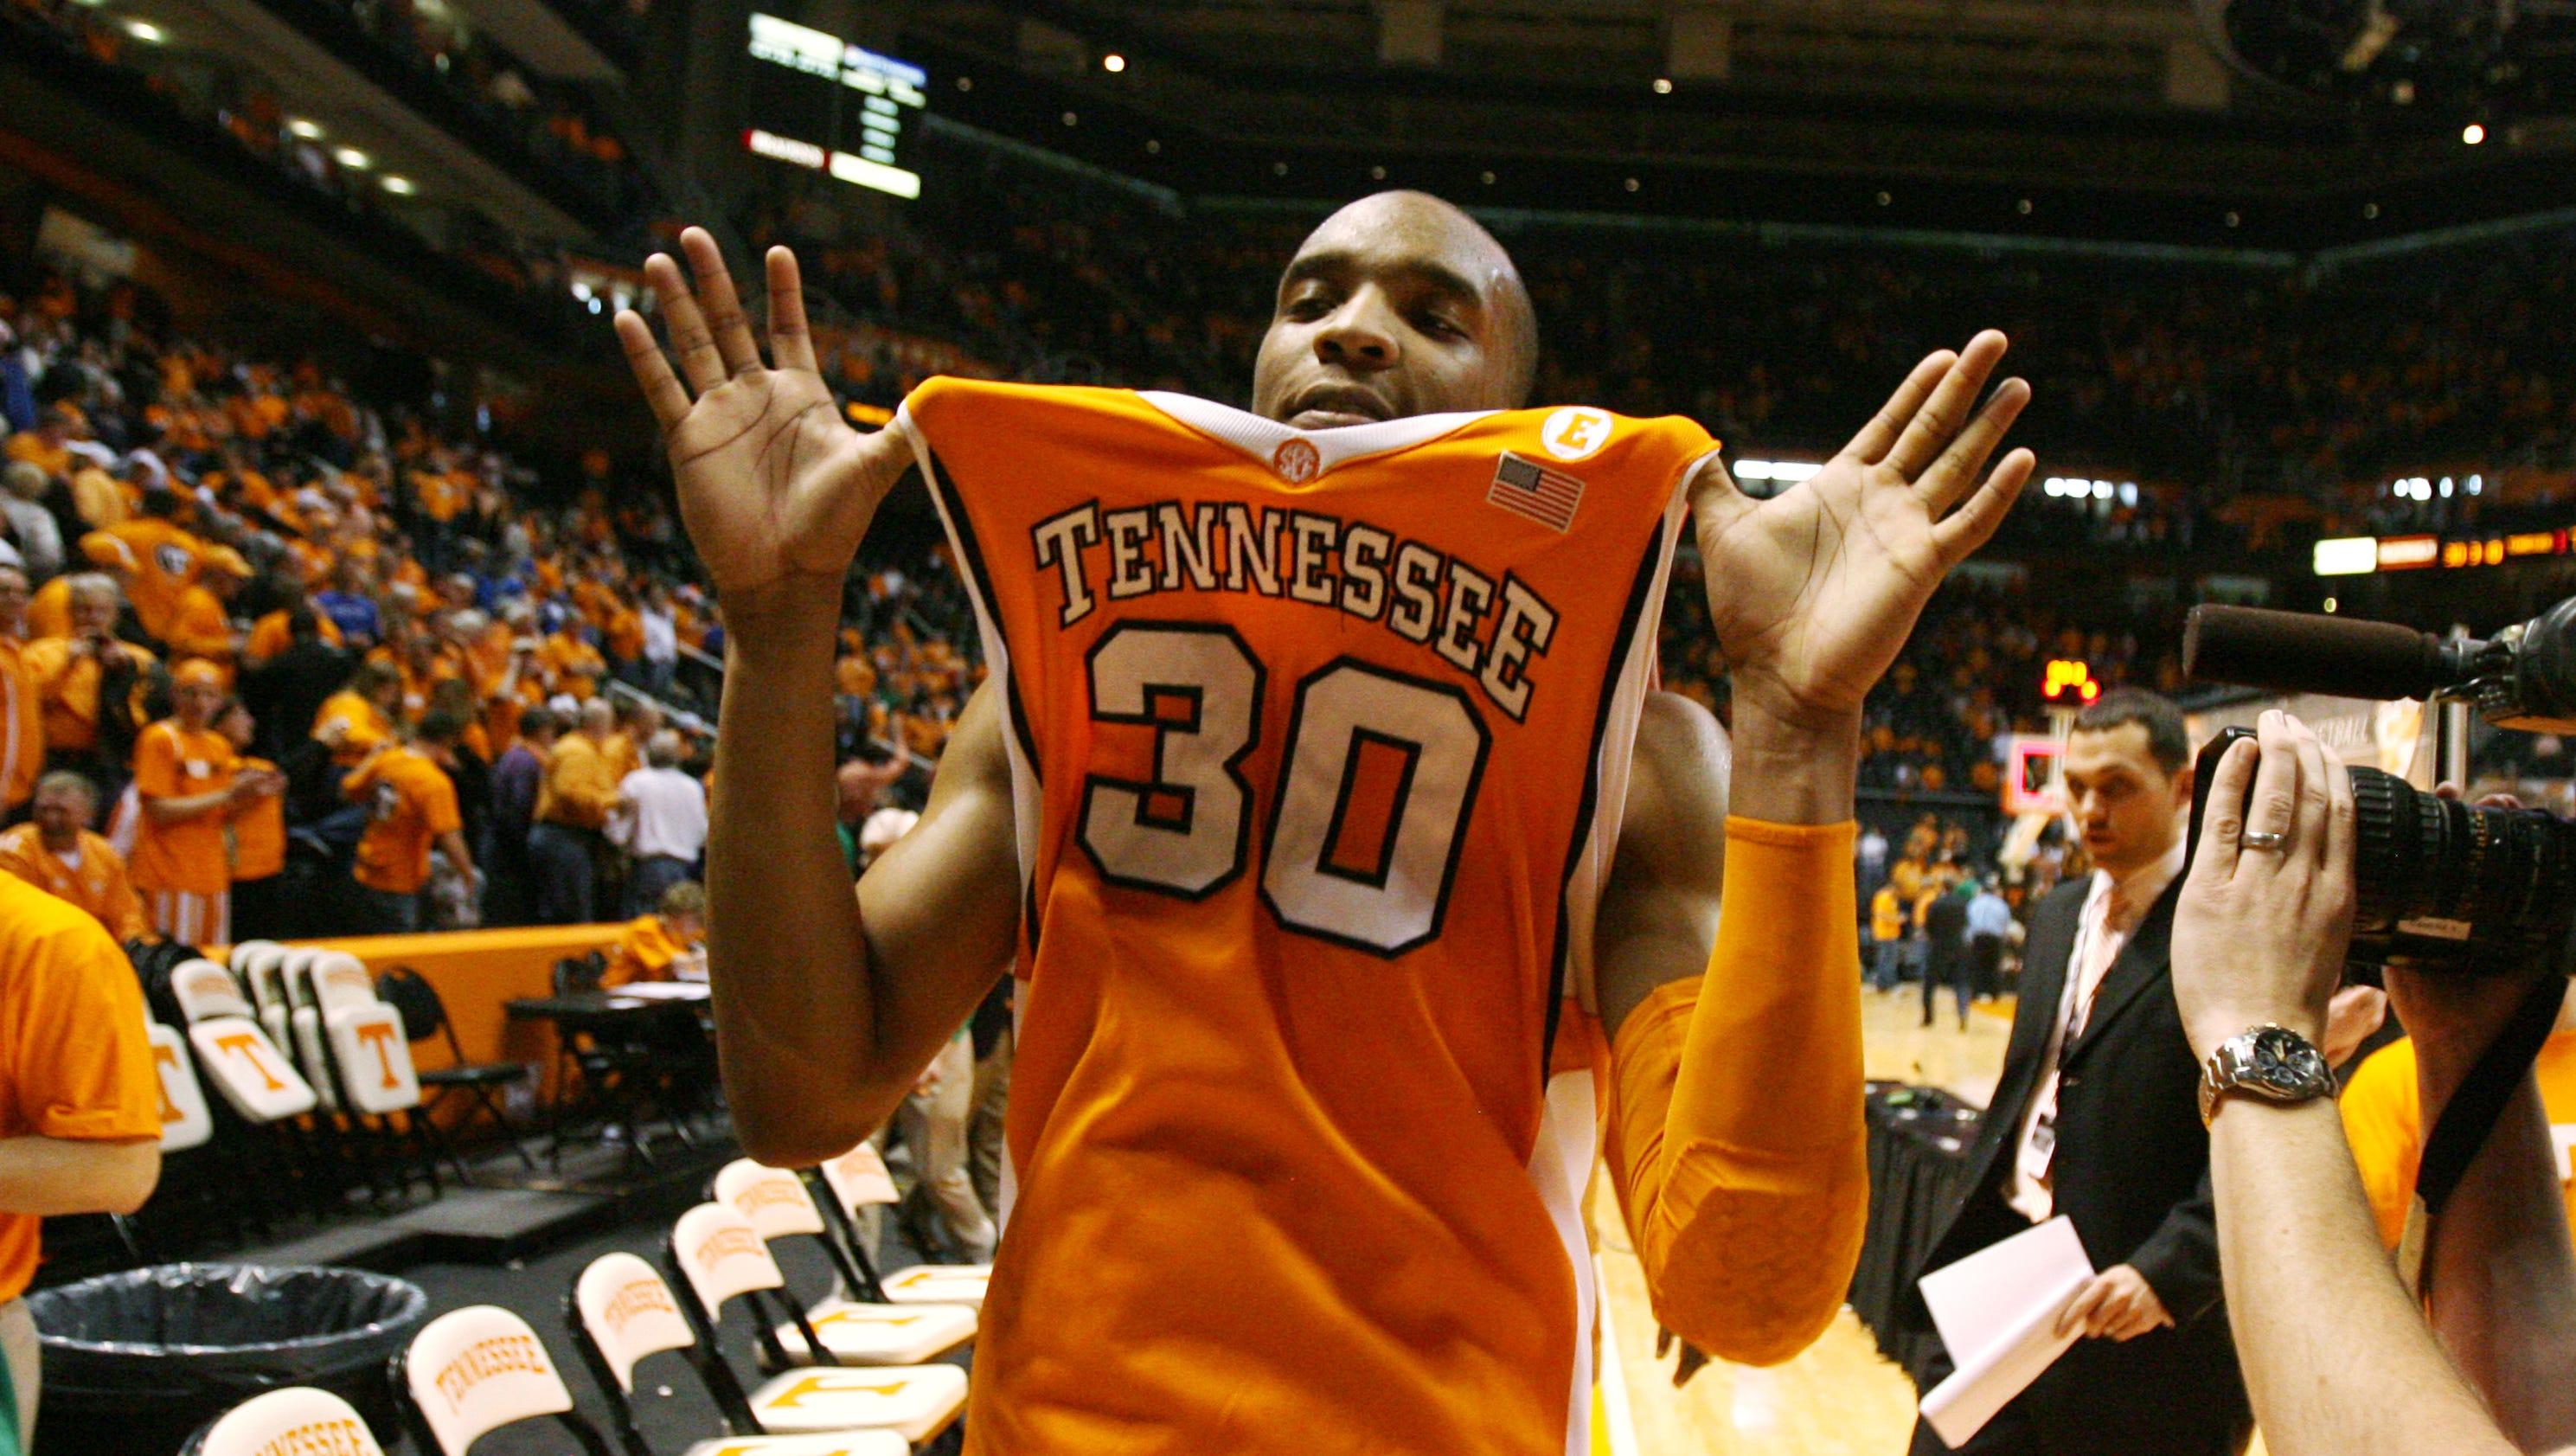 Uk Basketball: Photos: Former Tennessee Vols Basketball Player J.P. Prince